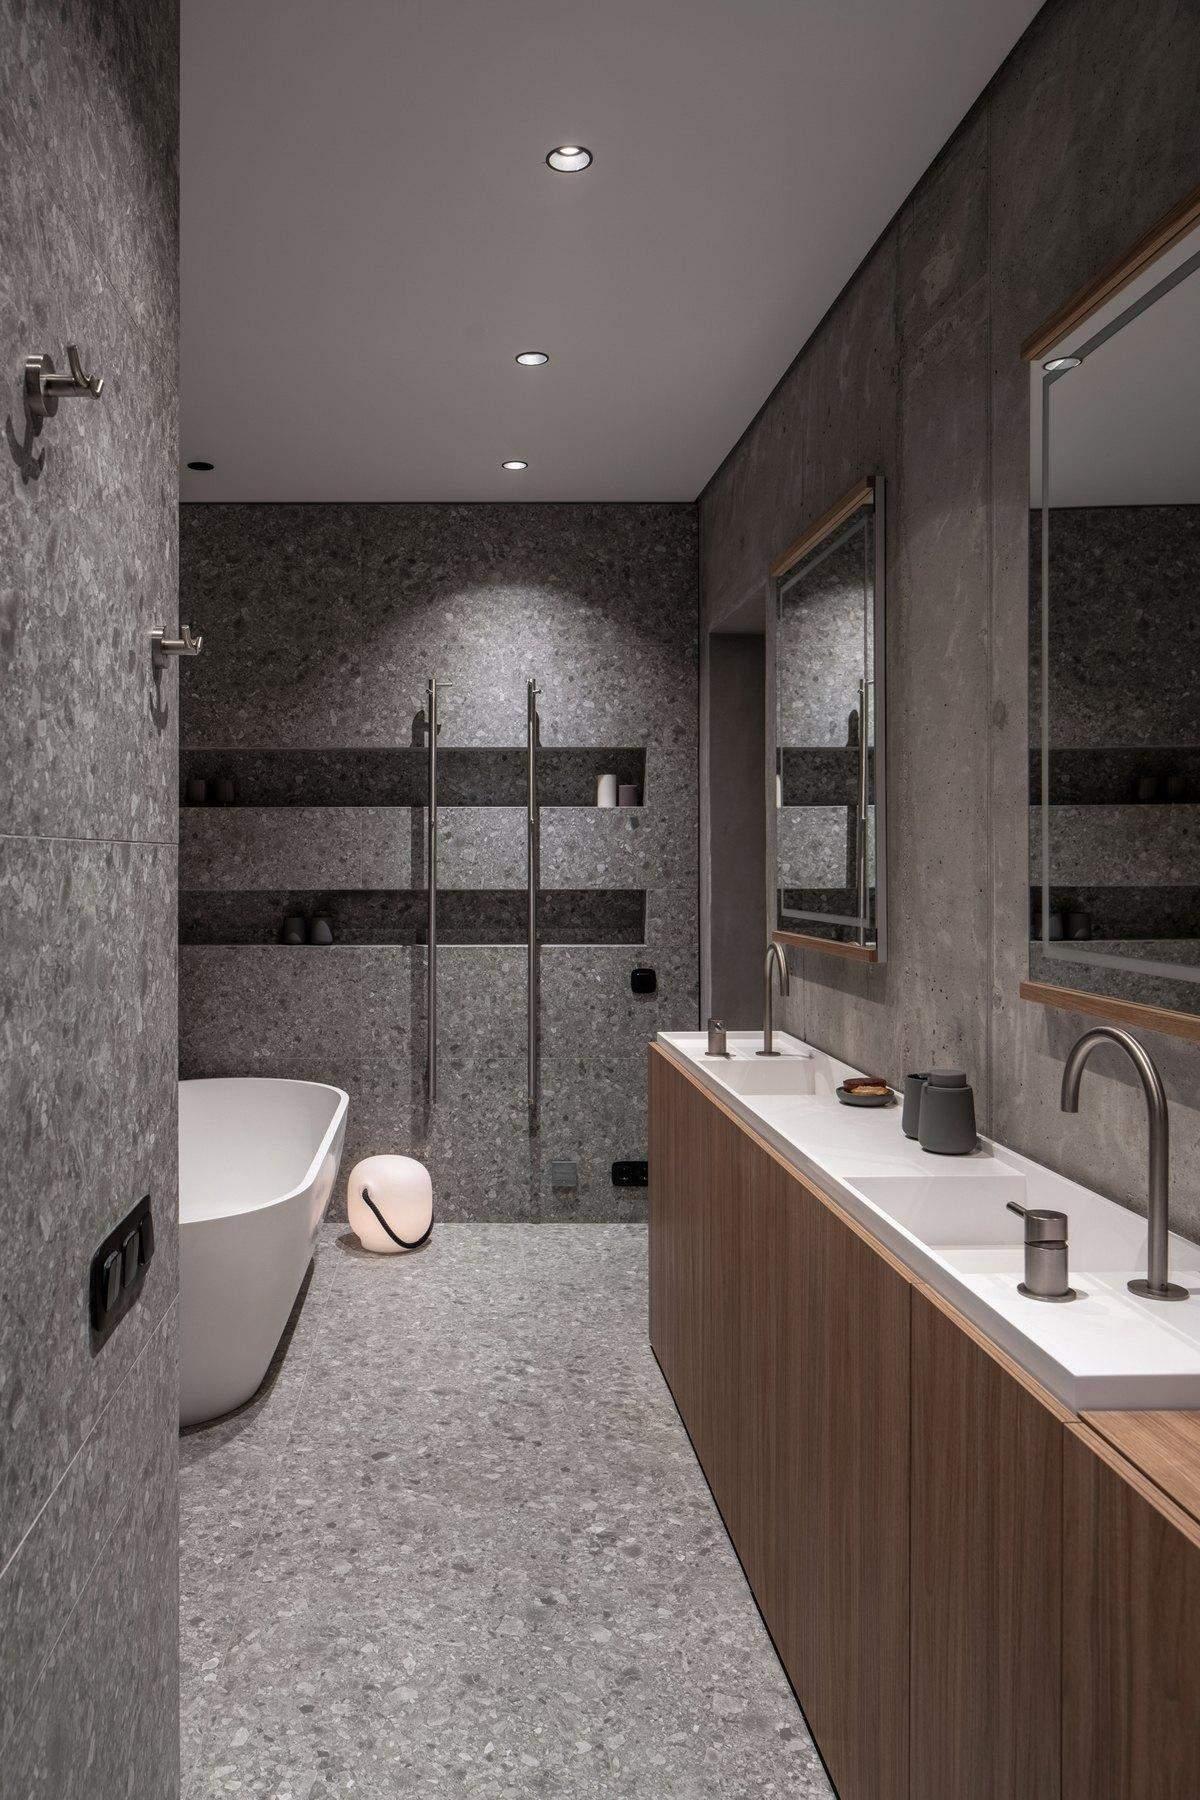 Ванную комнату украсили в темно-серых оттенках